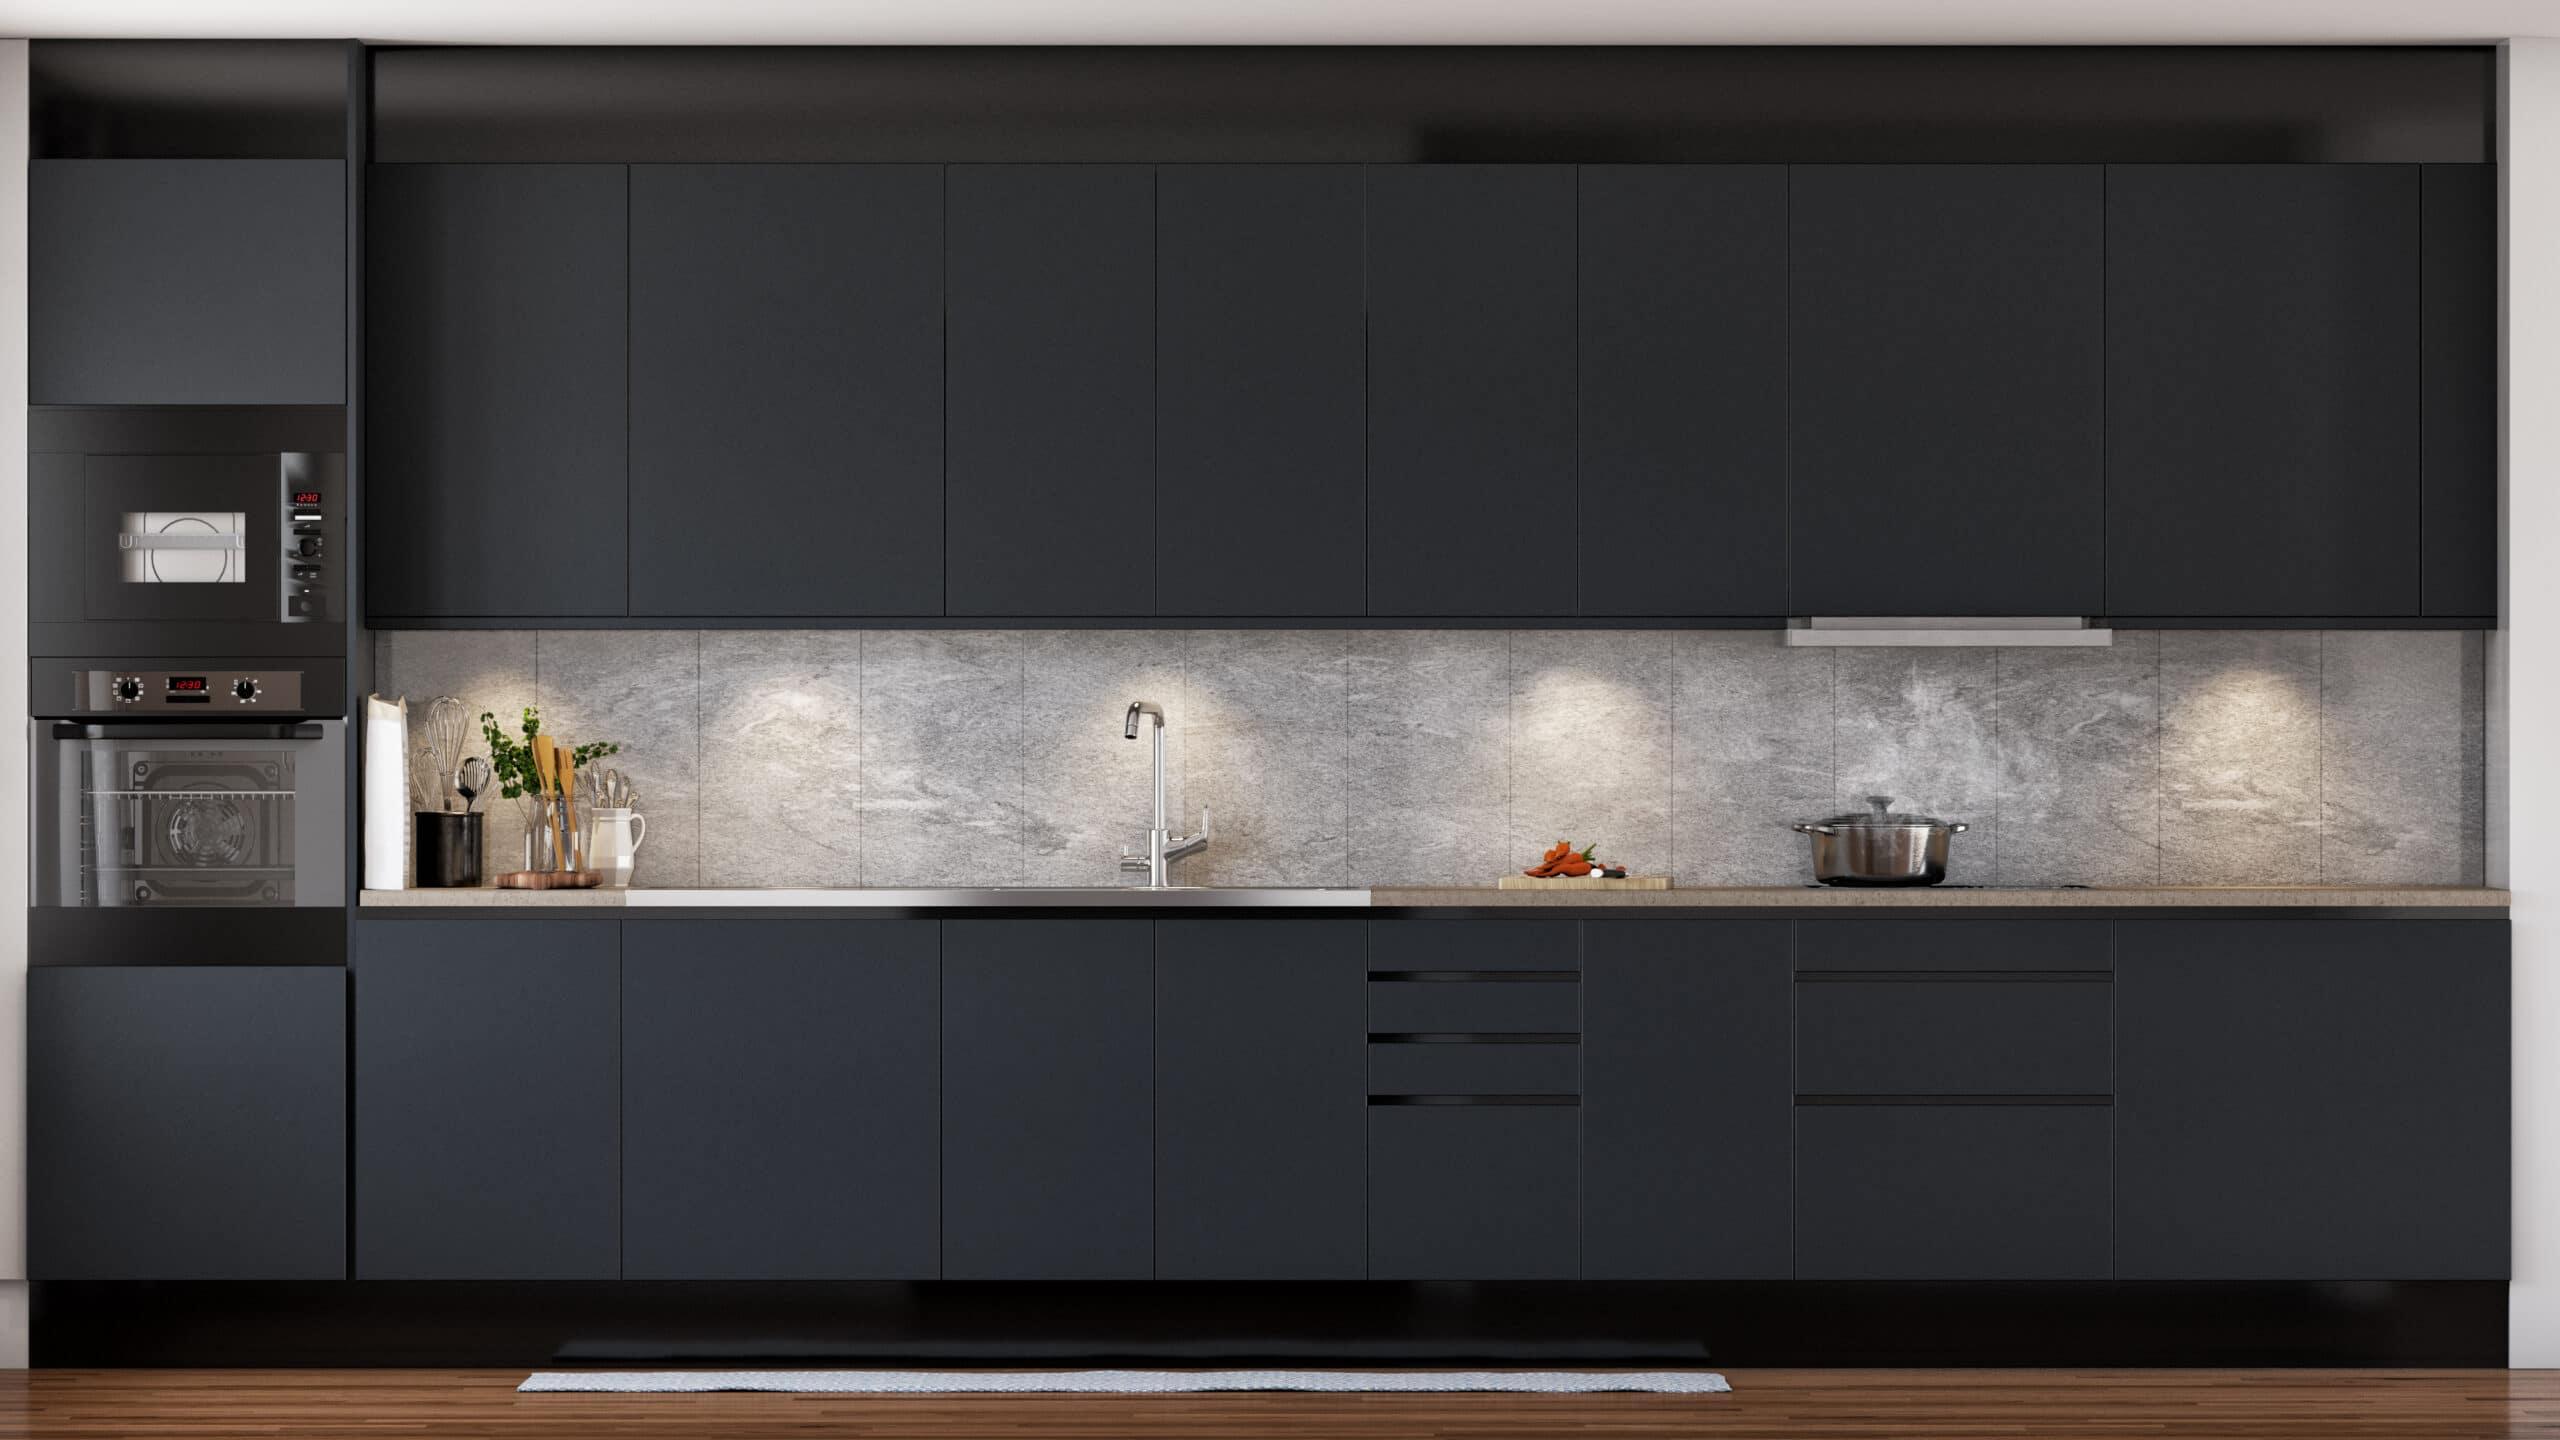 מטבחים מעץ רשת לעיצוב וייצור מטבחים יוקרתיים אדיבים עם הרבה וותק שיודעים לספק כל סוגי המטבחים לכל דורש תוך כדי תחזוקת מטבחים